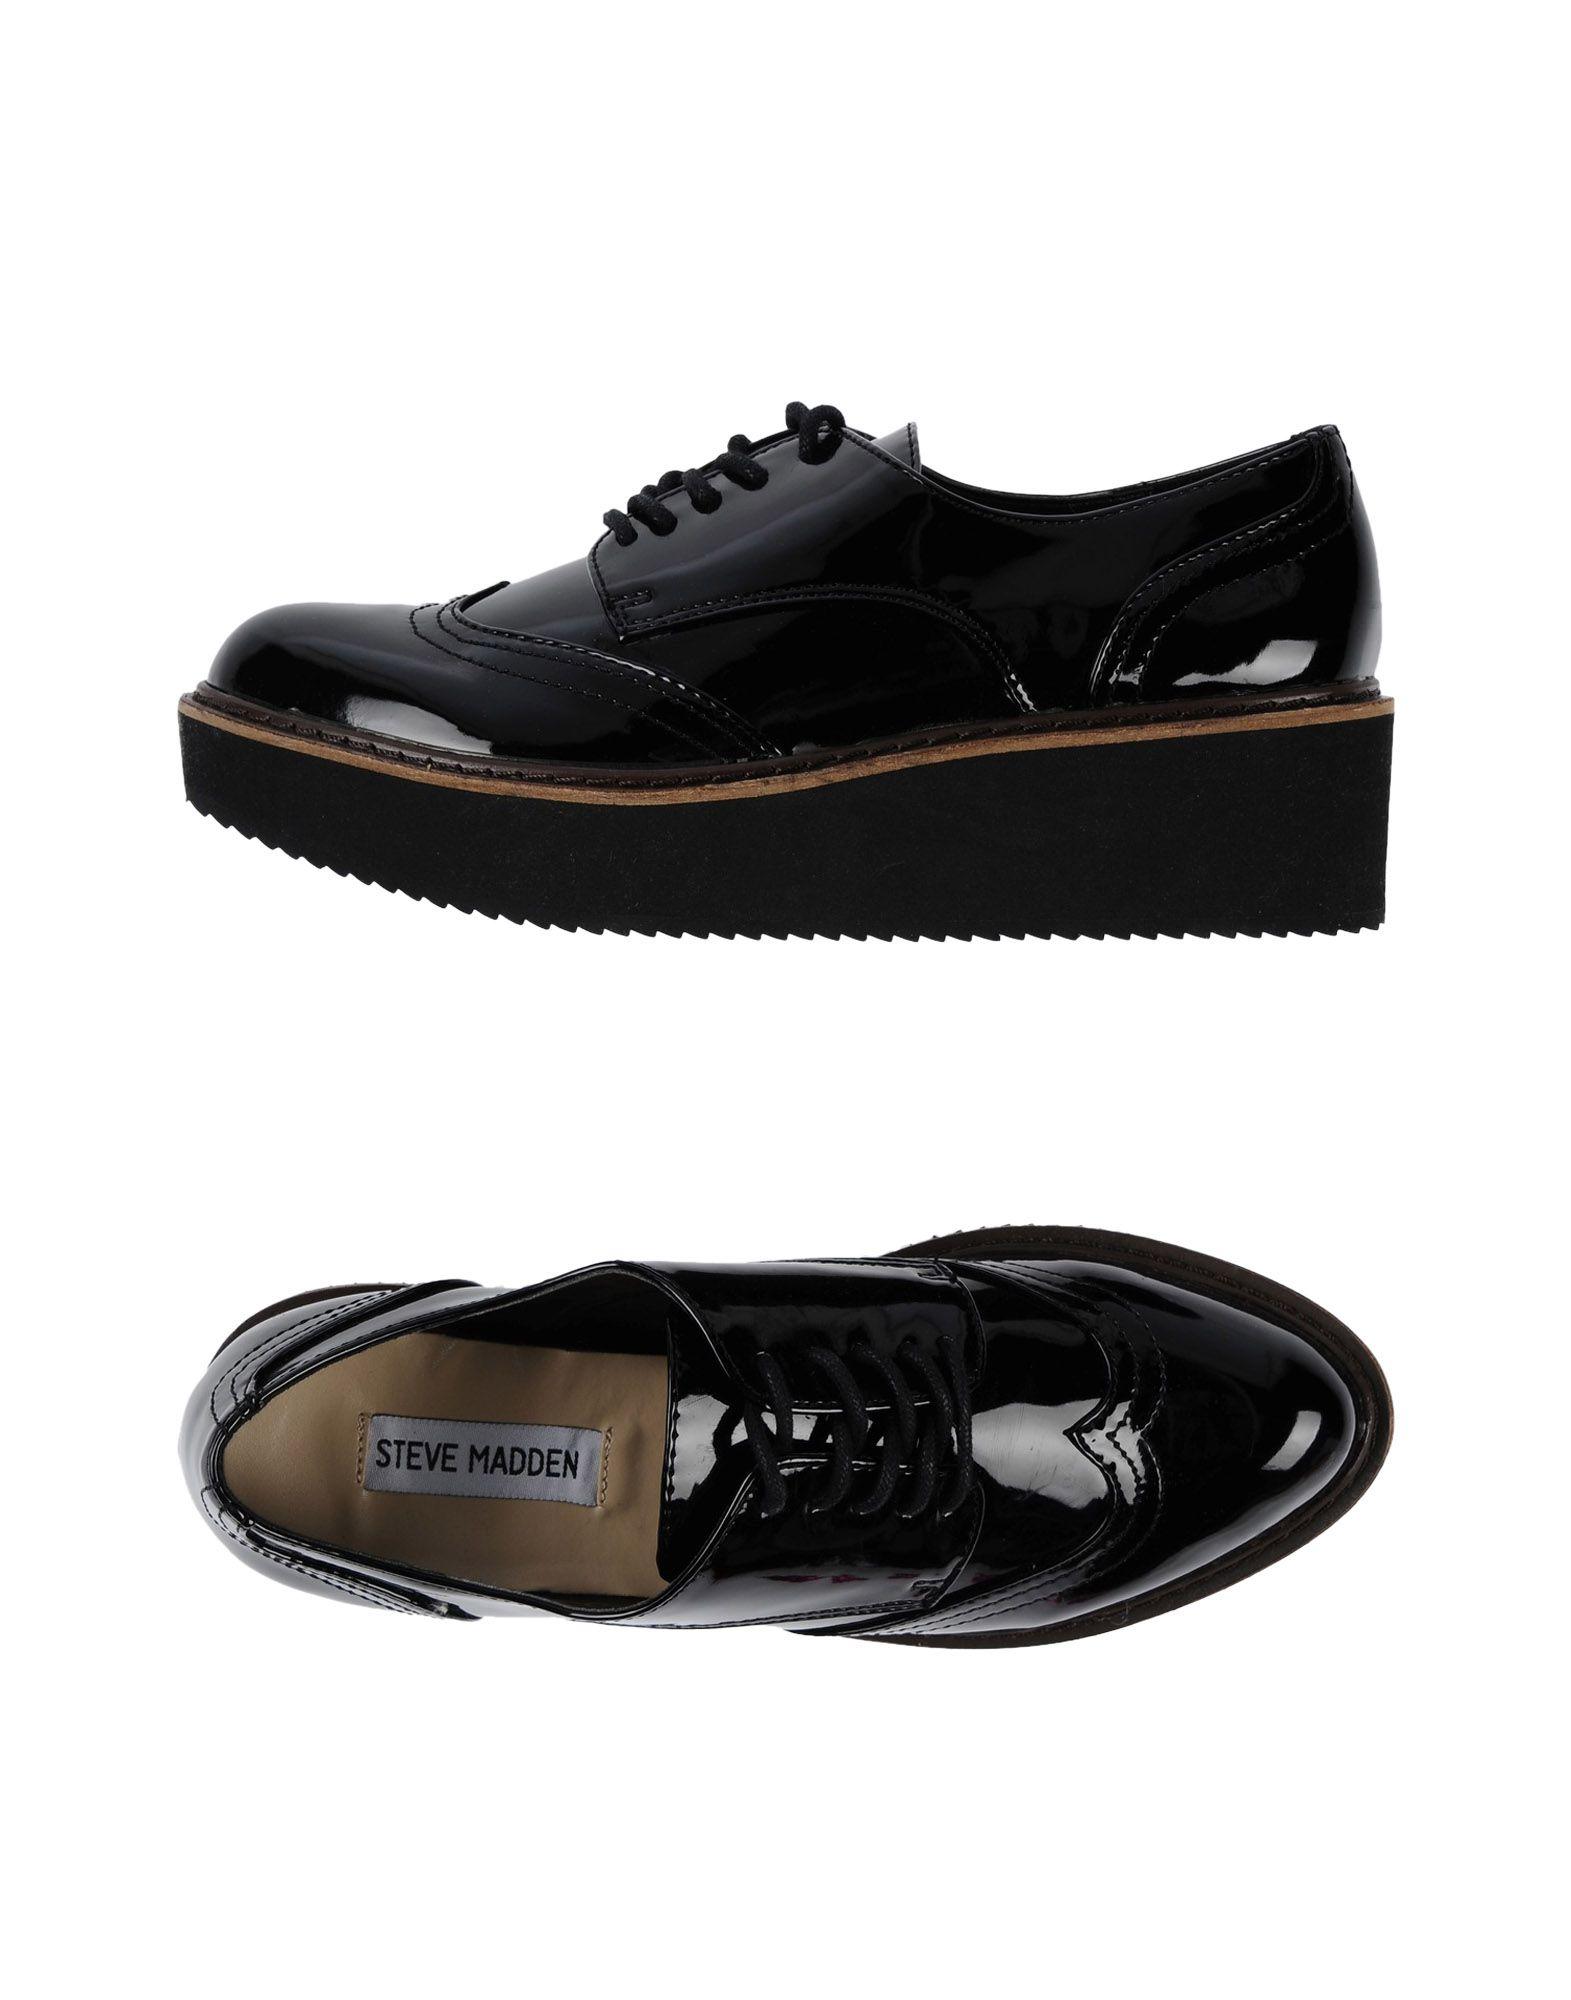 Steve Madden Schnürschuhe Damen  11465491FR Gute Qualität beliebte Schuhe